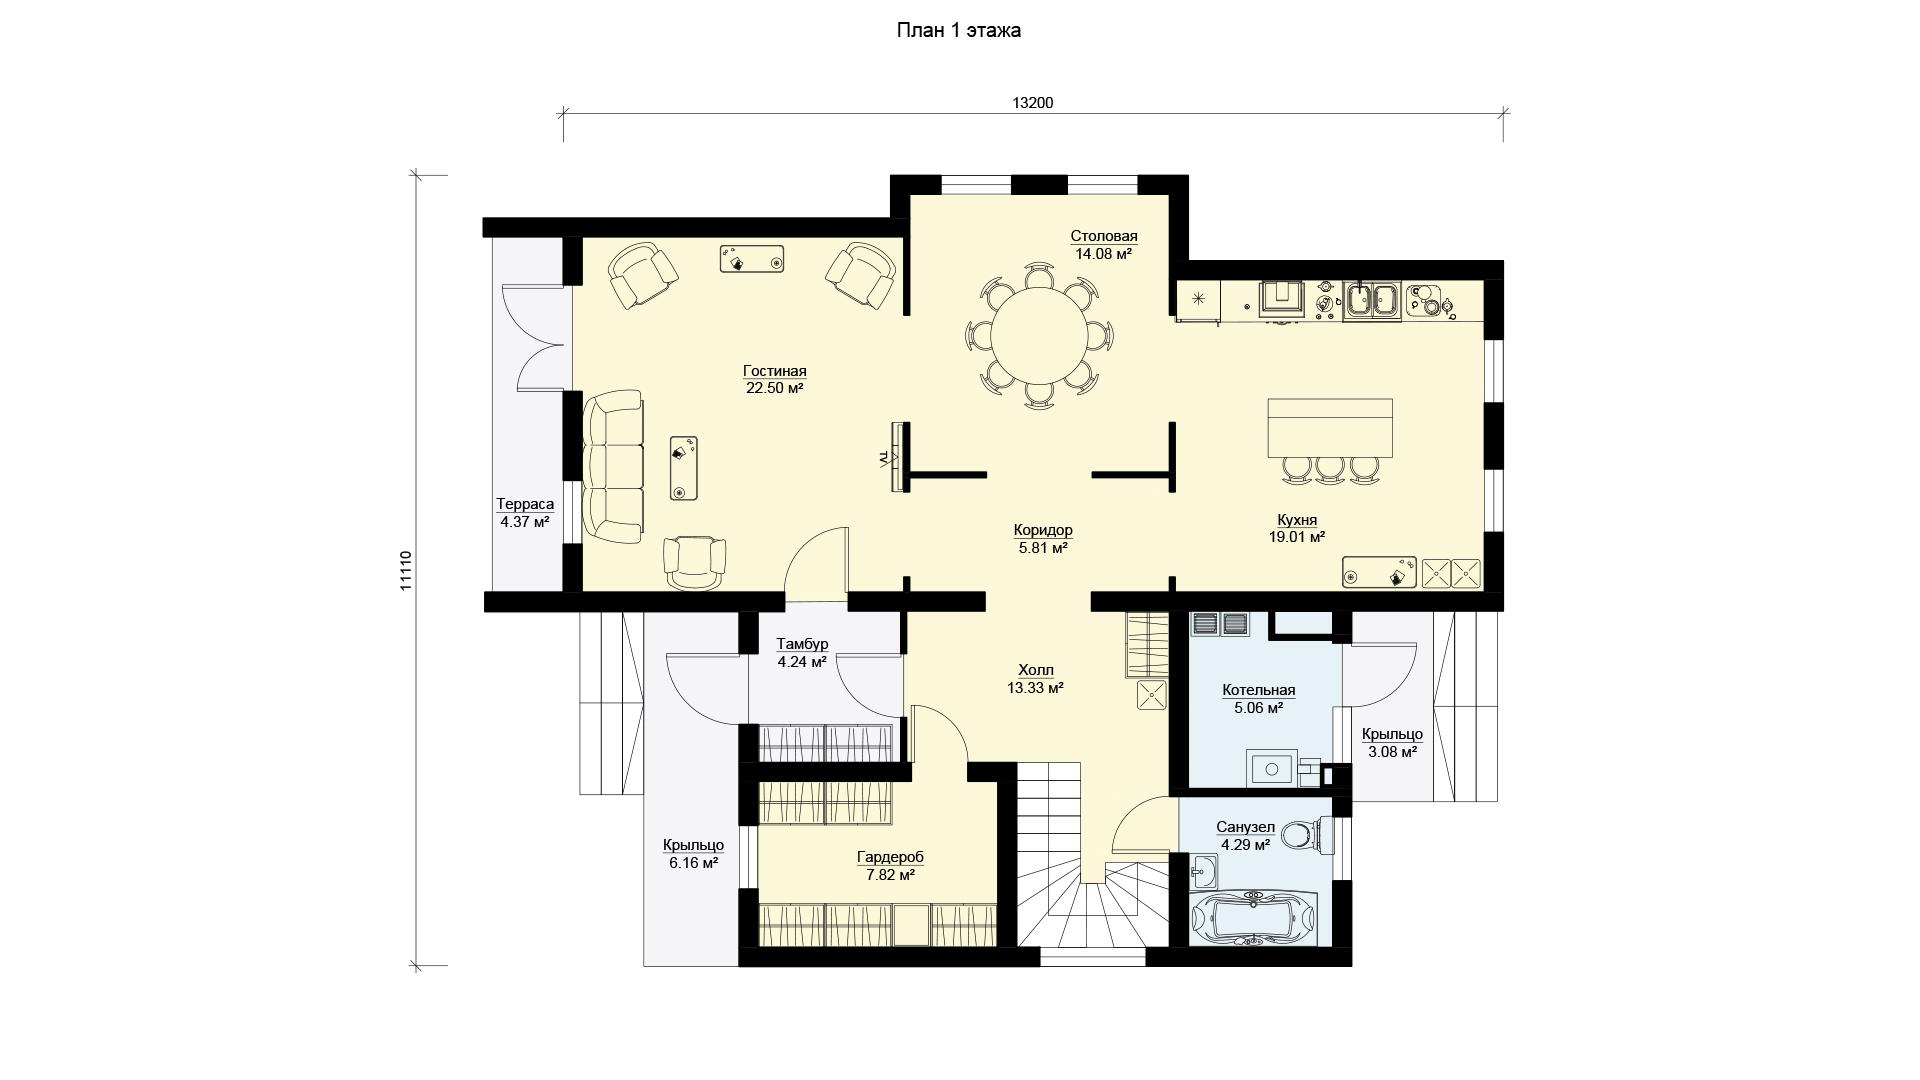 План первого этажа двухэтажного коттеджа БЭНПАН, проект МС-253.